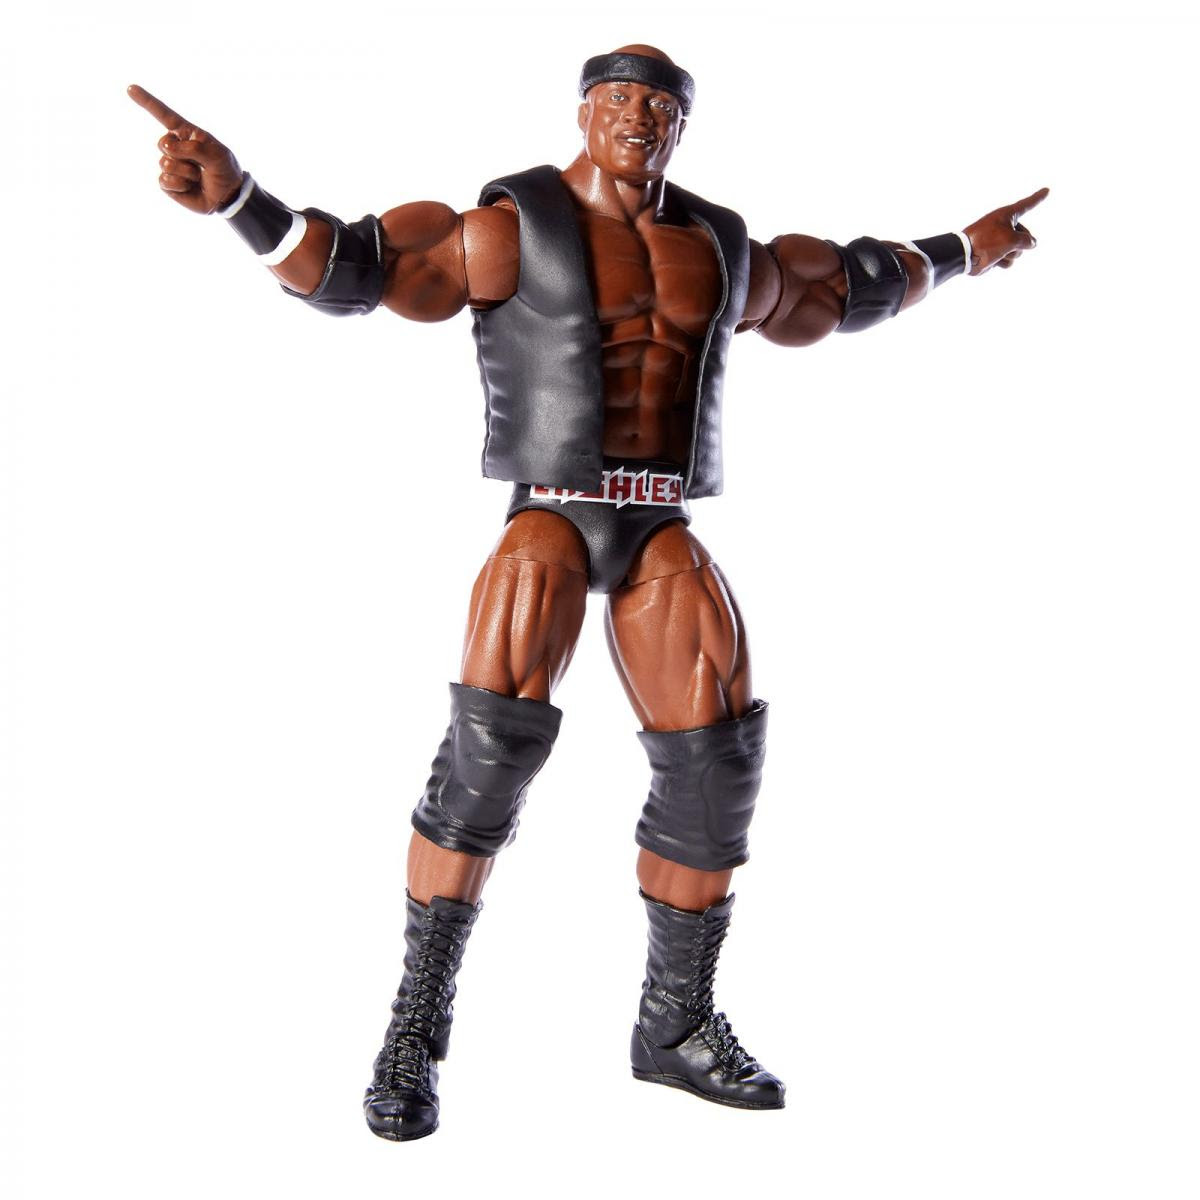 Image of WWE Wrestling Elite Series 69 - Bobby Lashley Action Figure